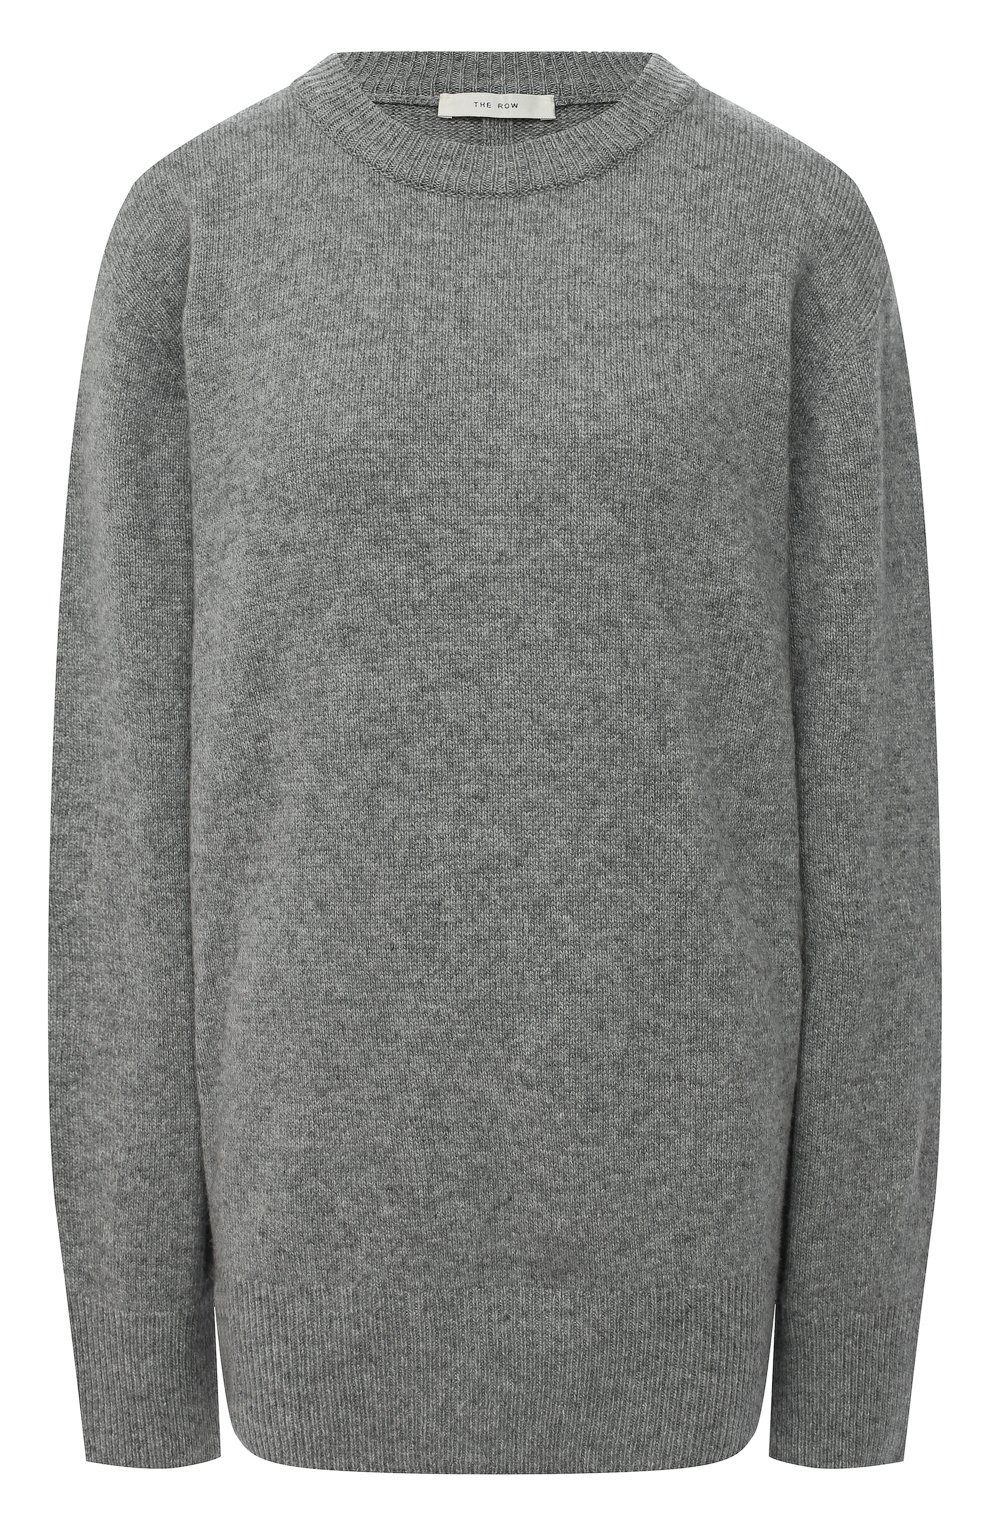 Женский свитер из шерсти и кашемира THE ROW серого цвета, арт. 5582Y184 | Фото 1